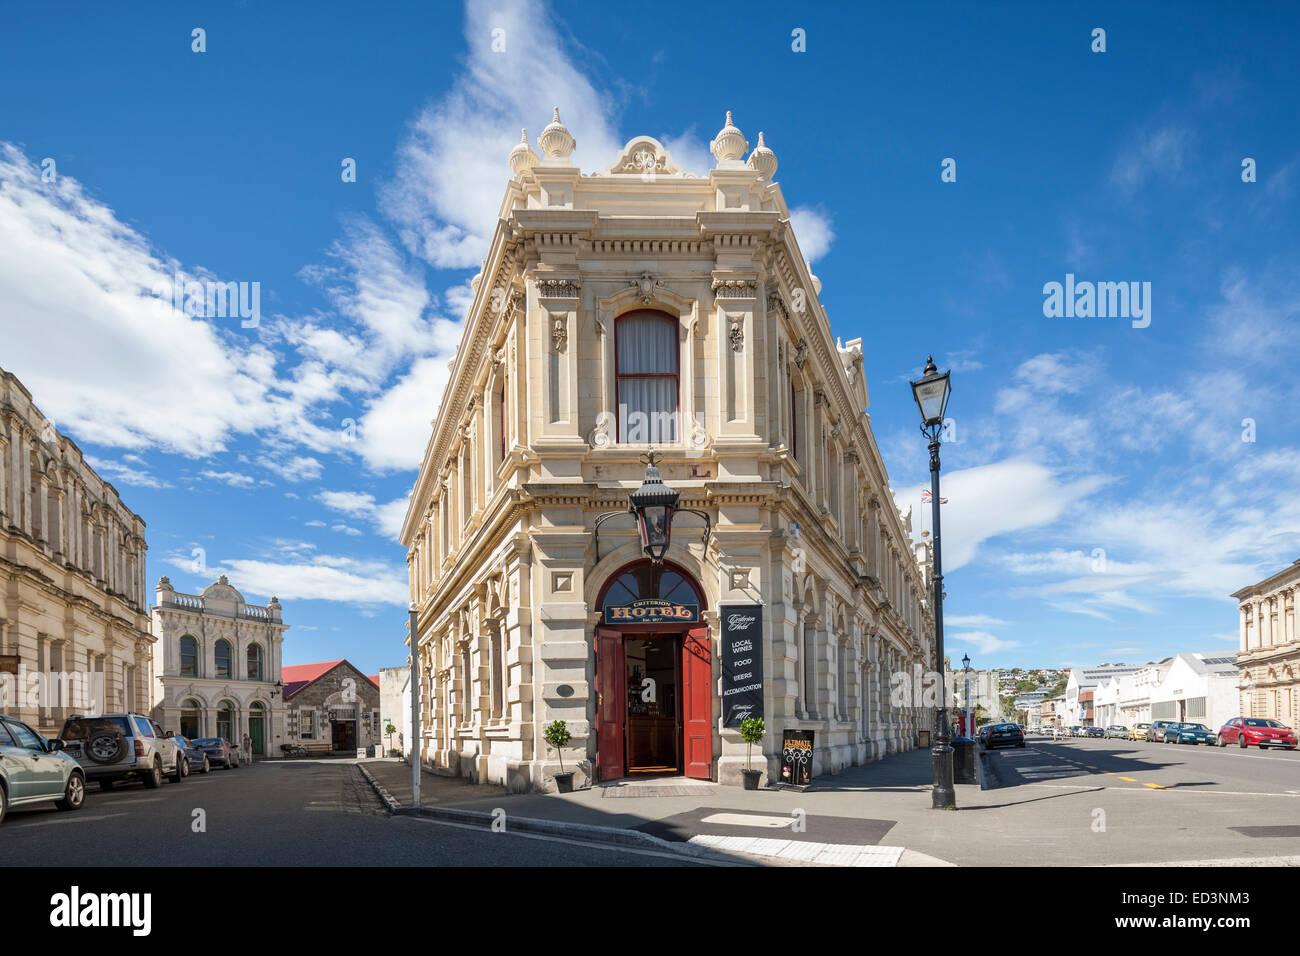 Nueva Zelandia Oamaru. El criterio de hoteles y otros edificios de estilo victoriano en el histórico distrito Imagen De Stock